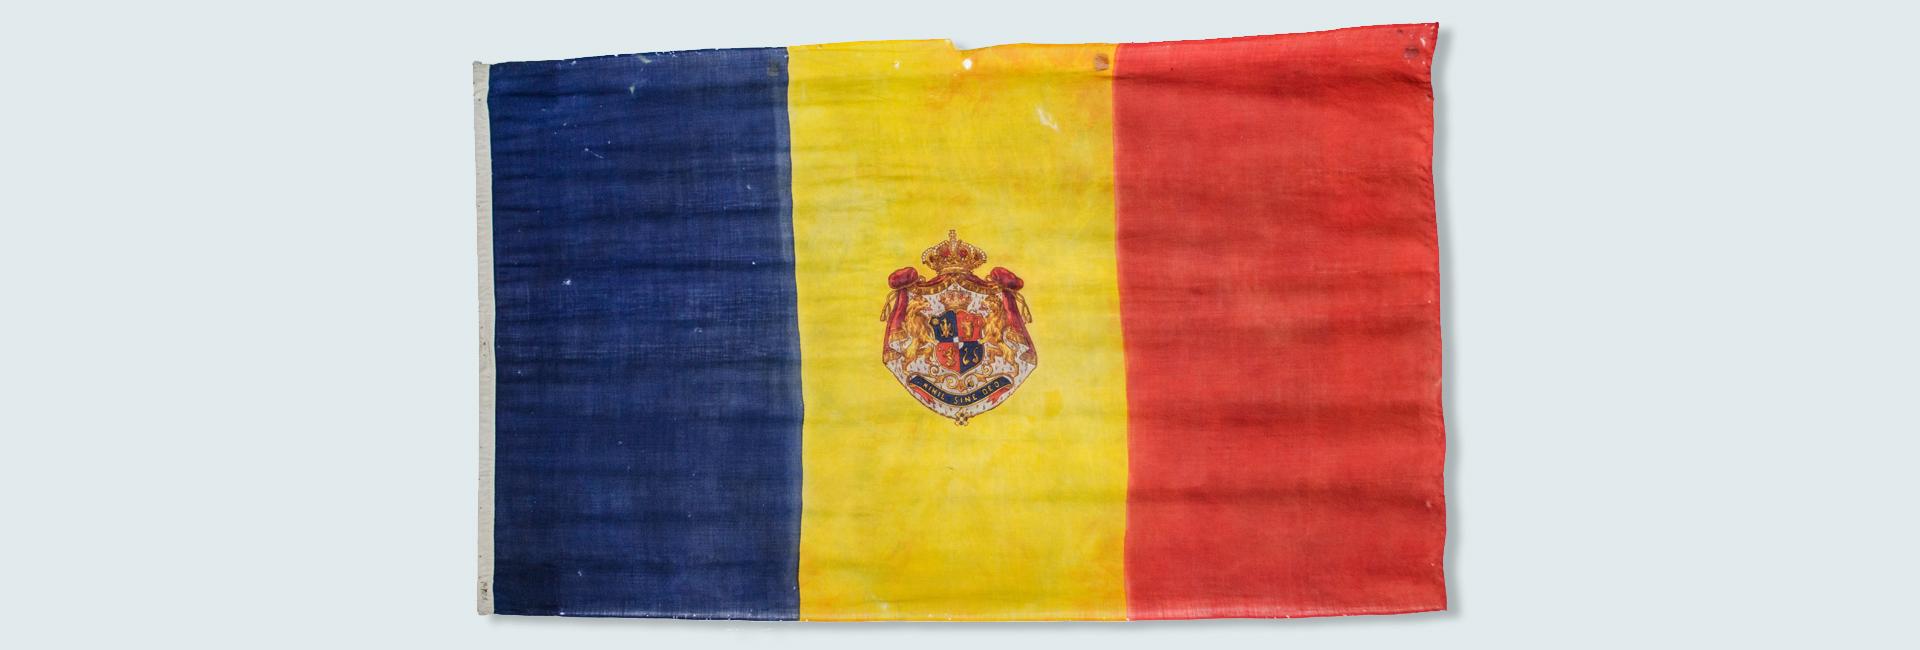 Ziua Drapelului Naţional al României credinţă indiferenţă strămoşi slider